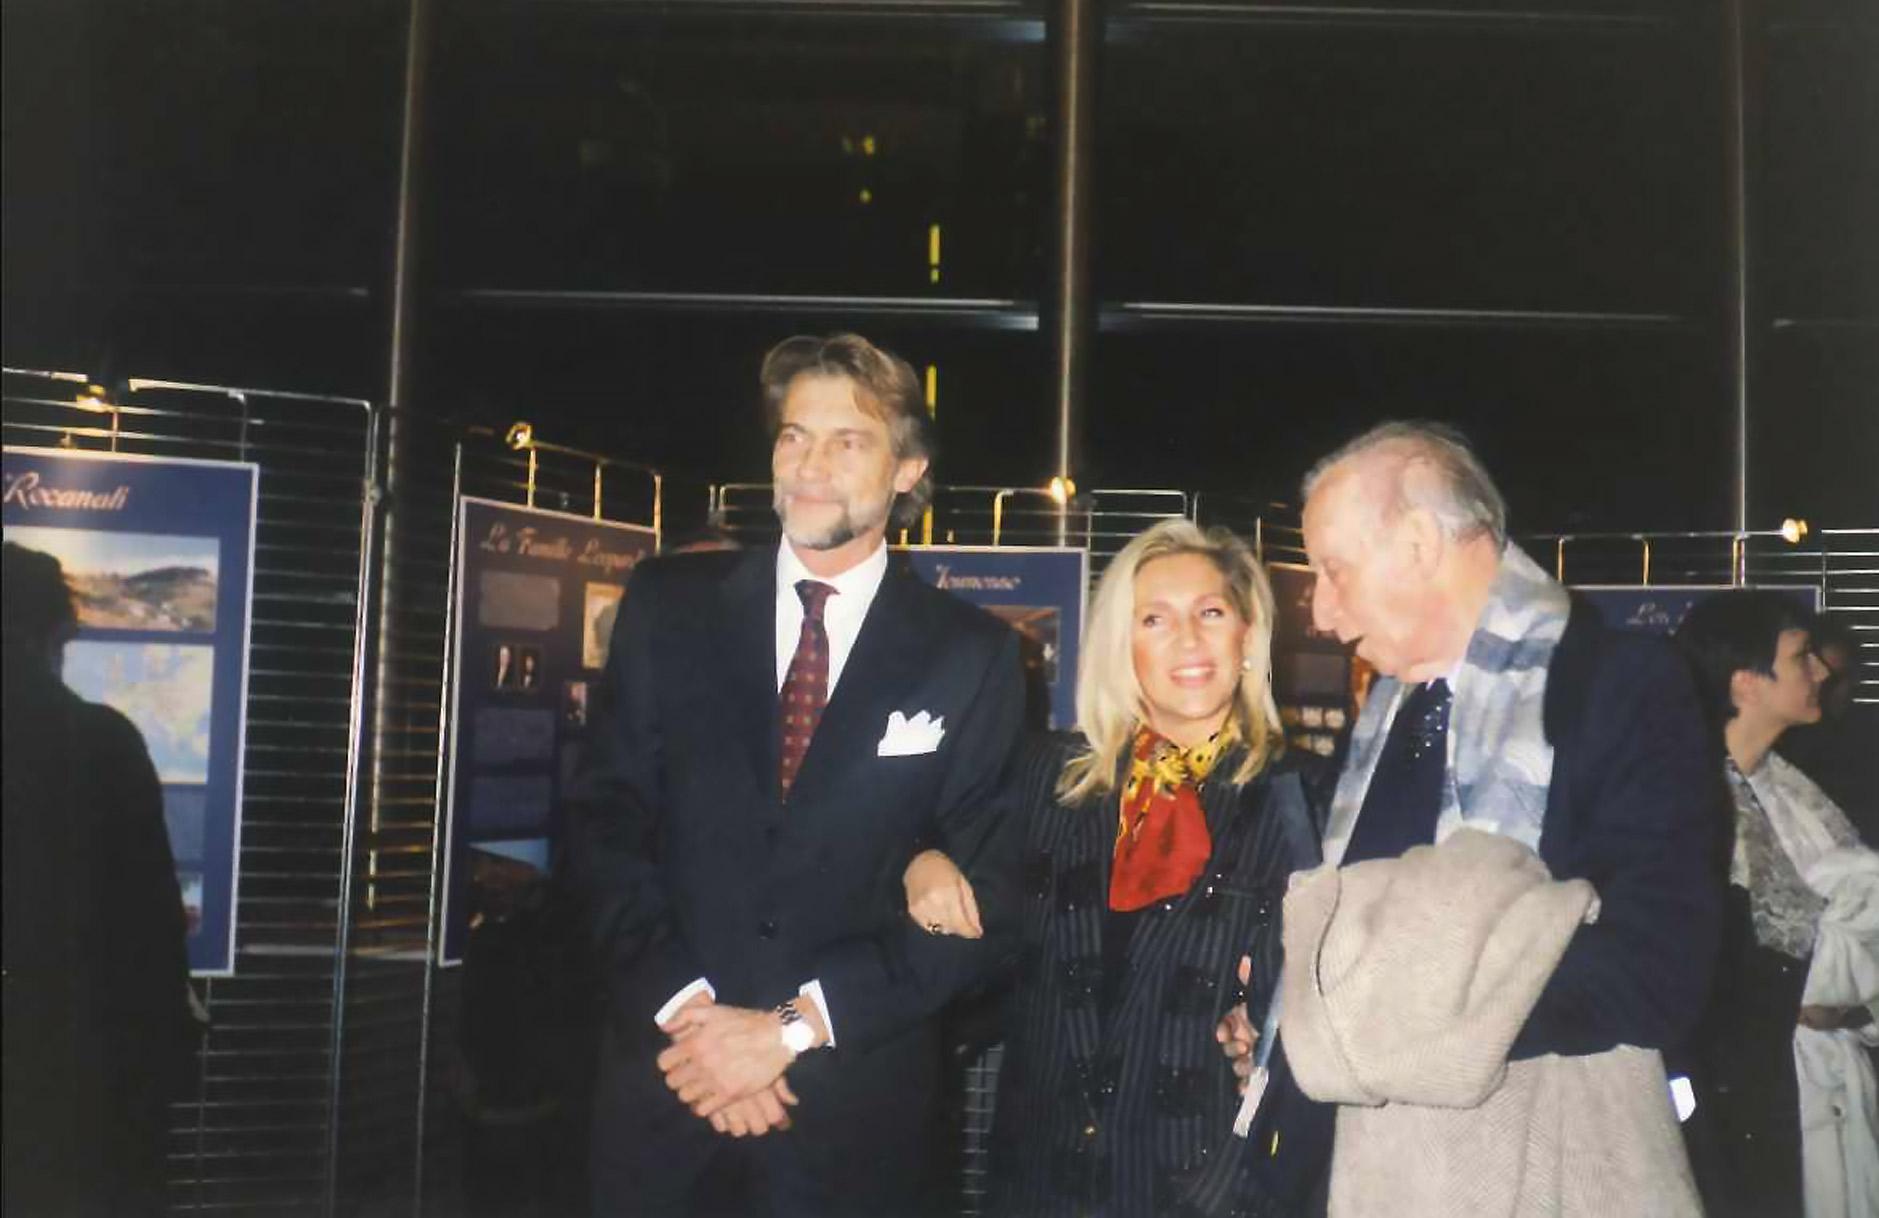 Bruxelles, Parlamento Europeo, 2 dicembre 1998: Mario Luzi e Vanni Leopardi